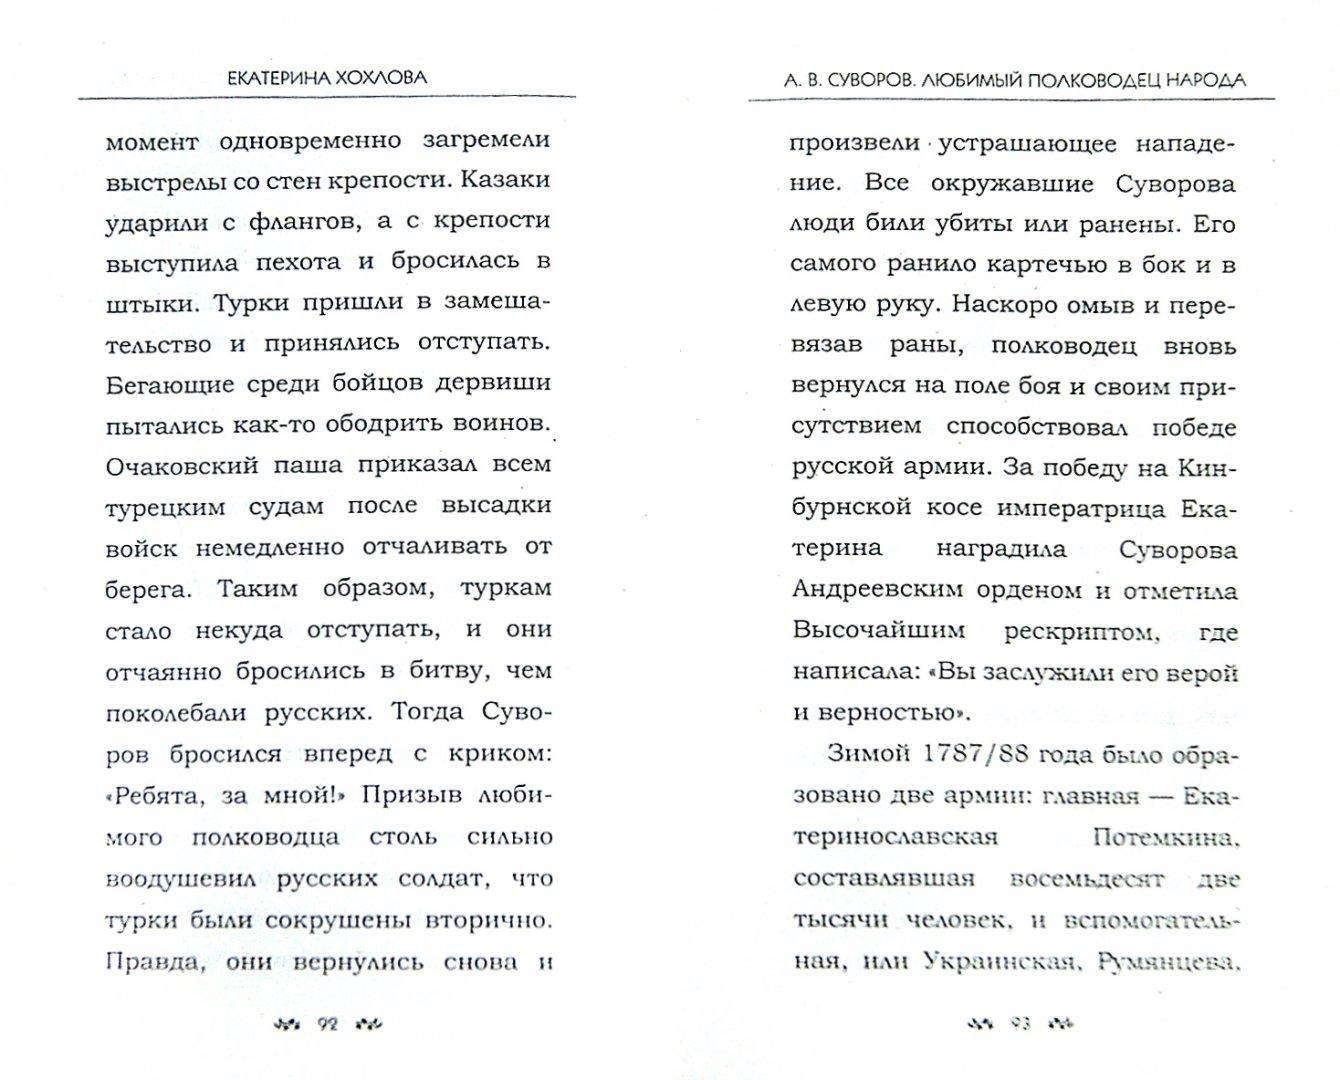 Иллюстрация 1 из 4 для А.В.Суворов. Любимый полководец народа - Екатерина Хохлова | Лабиринт - книги. Источник: Лабиринт